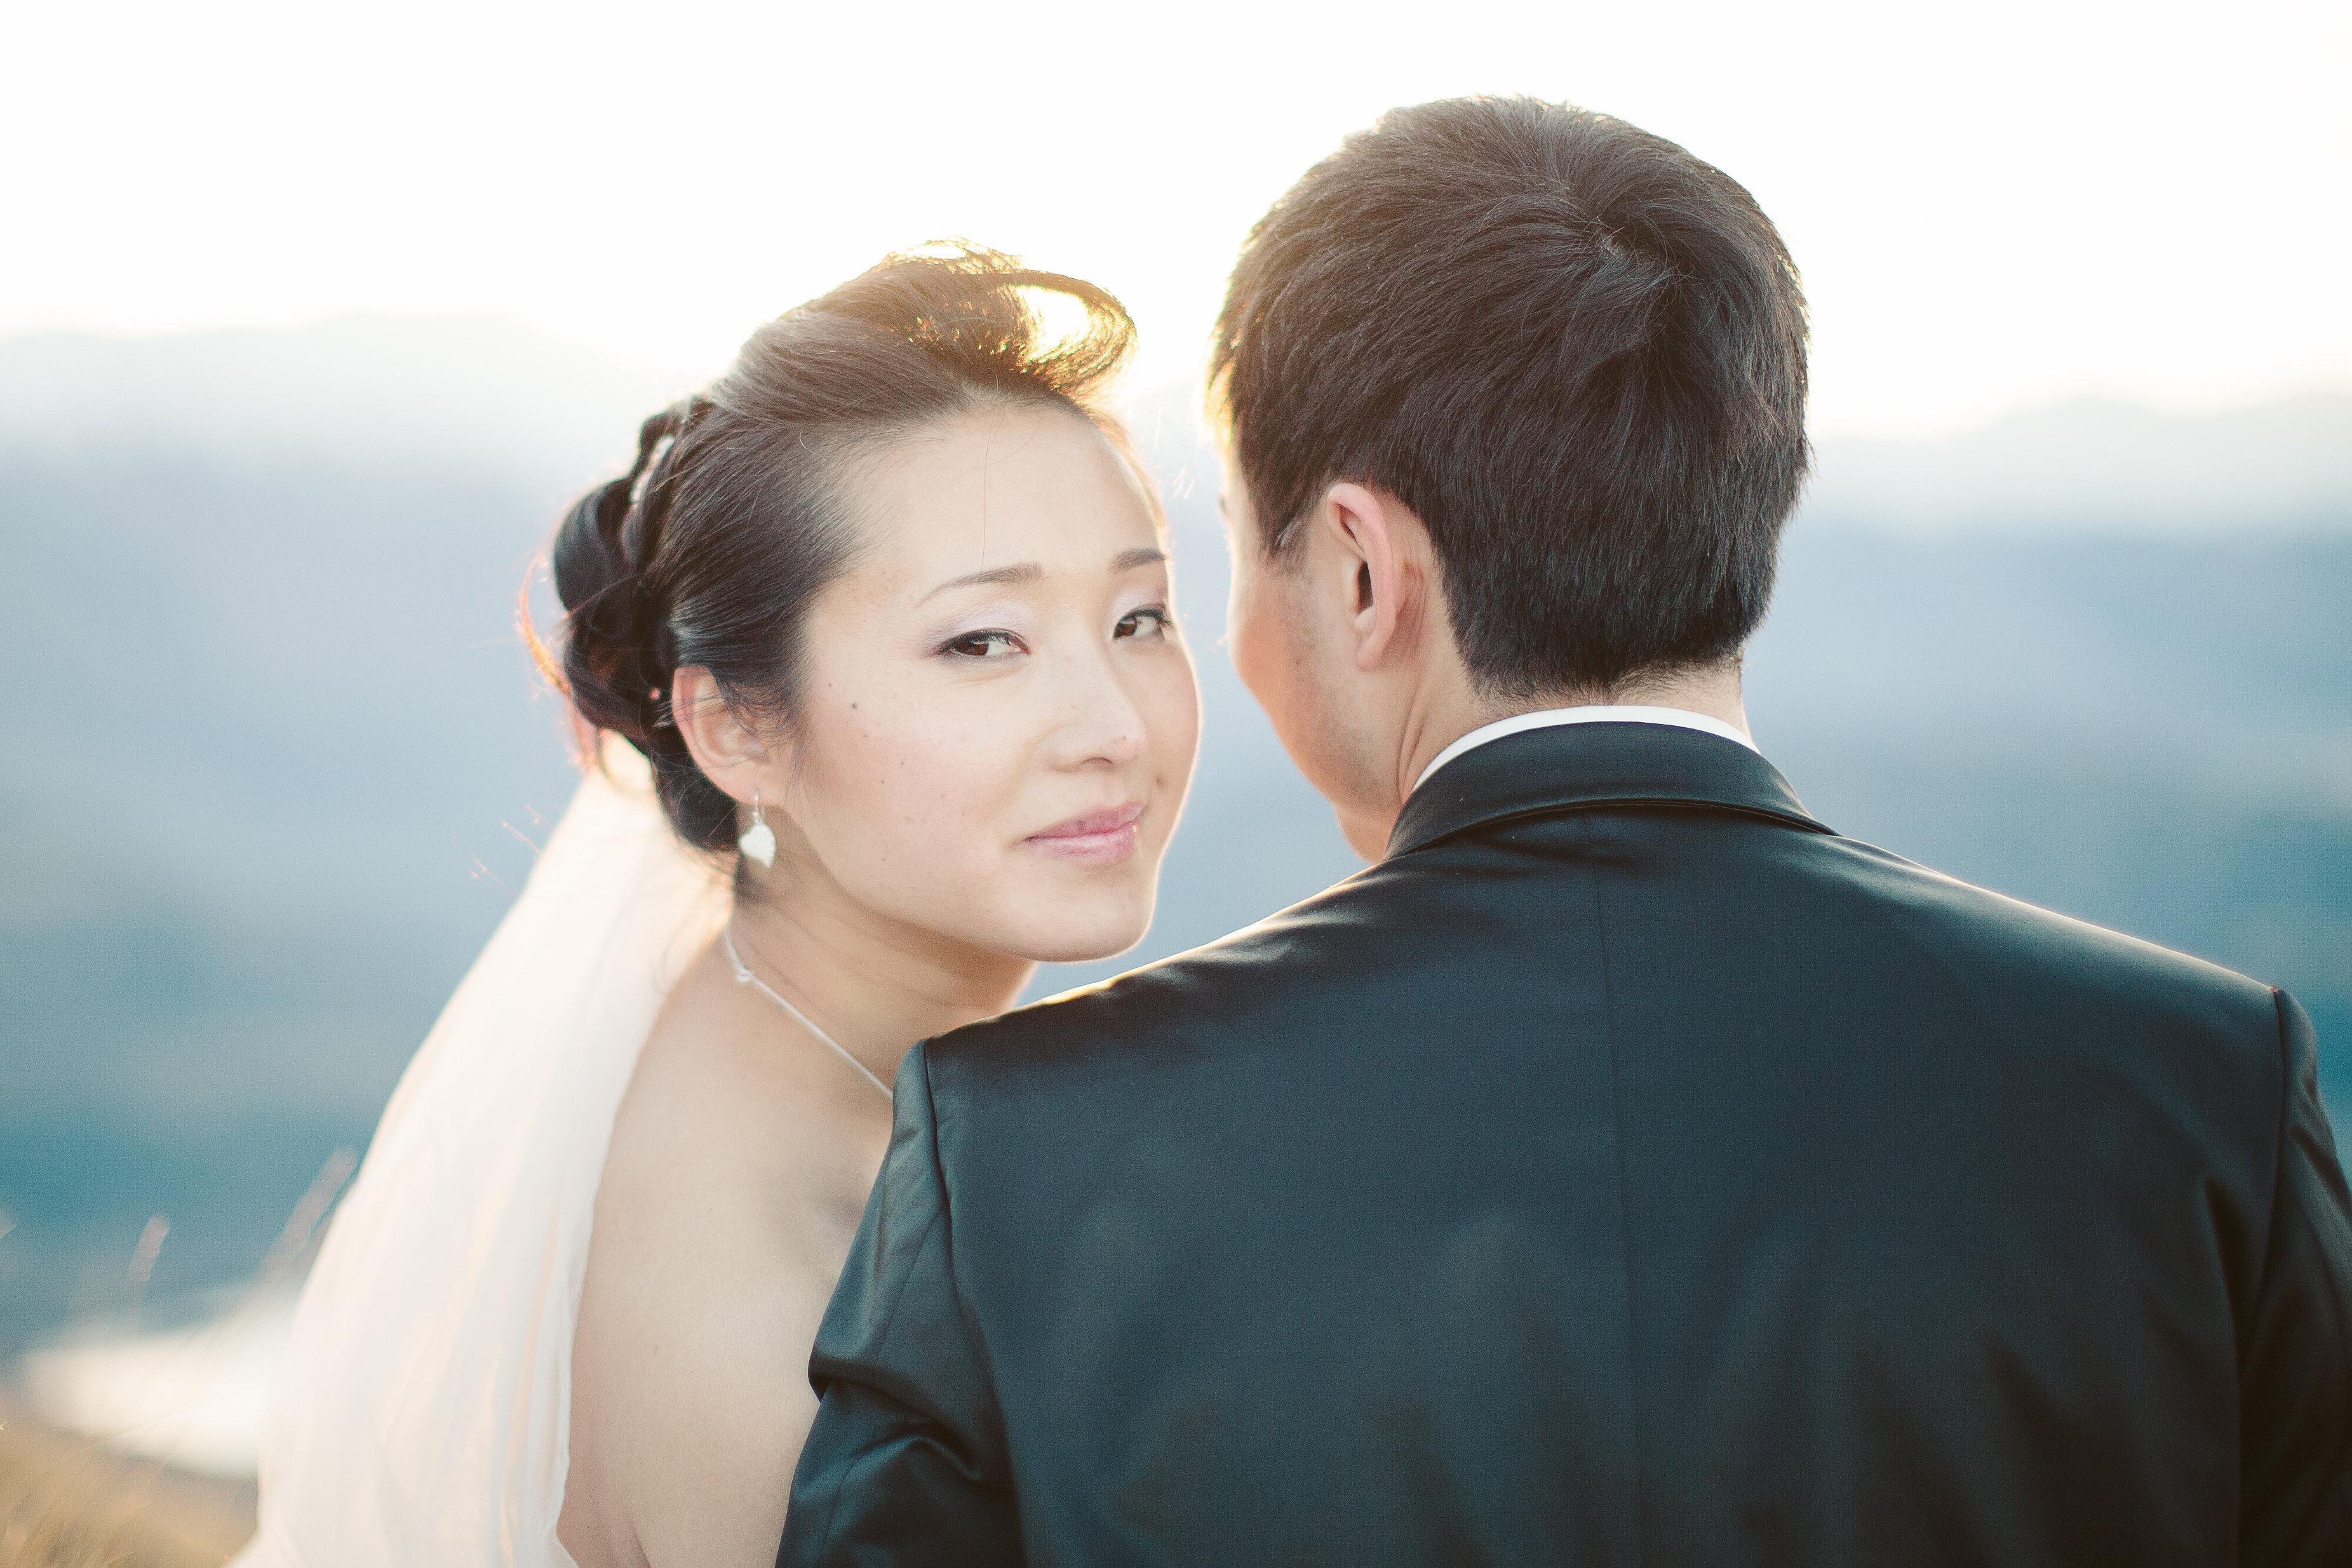 f80f05 465138f863bd4d7d11f95566984f09d5.jpg srz 3703 2469 85 22 0.50 1.20 0 - Asian Wedding Bridal Lenghas